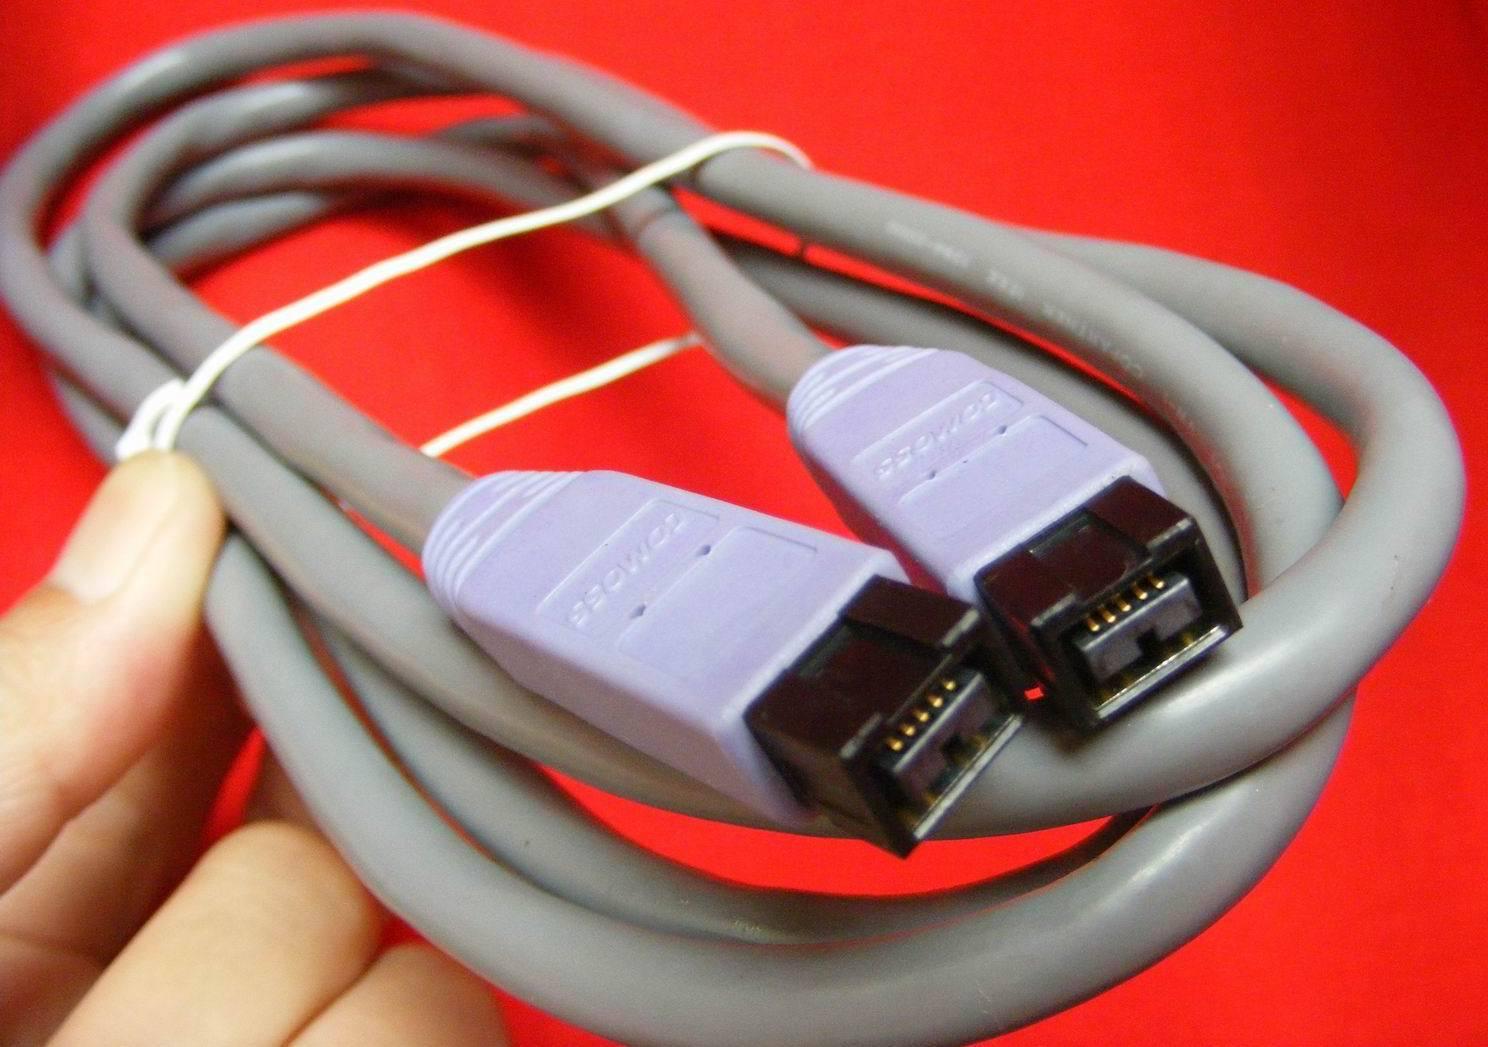 1394-соединение   COMOSS 1394b 1394 800 9-9 800m